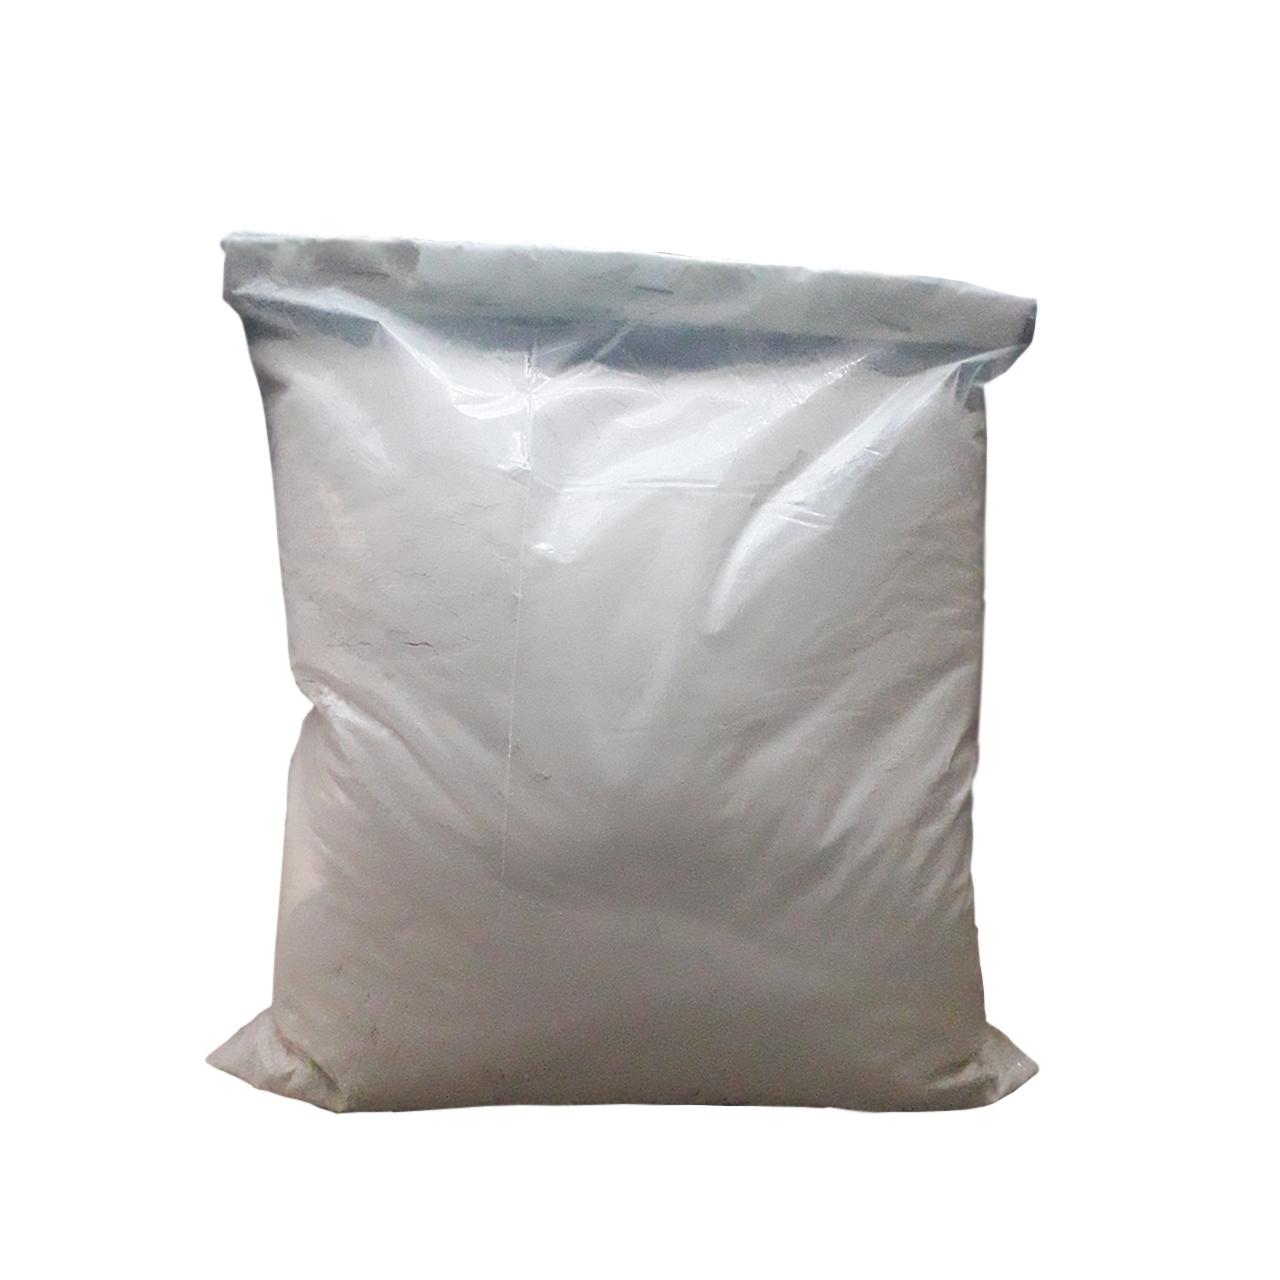 قیمت پودر سیمان سفید کد ۰۲ وزن ۲ کیلوگرم